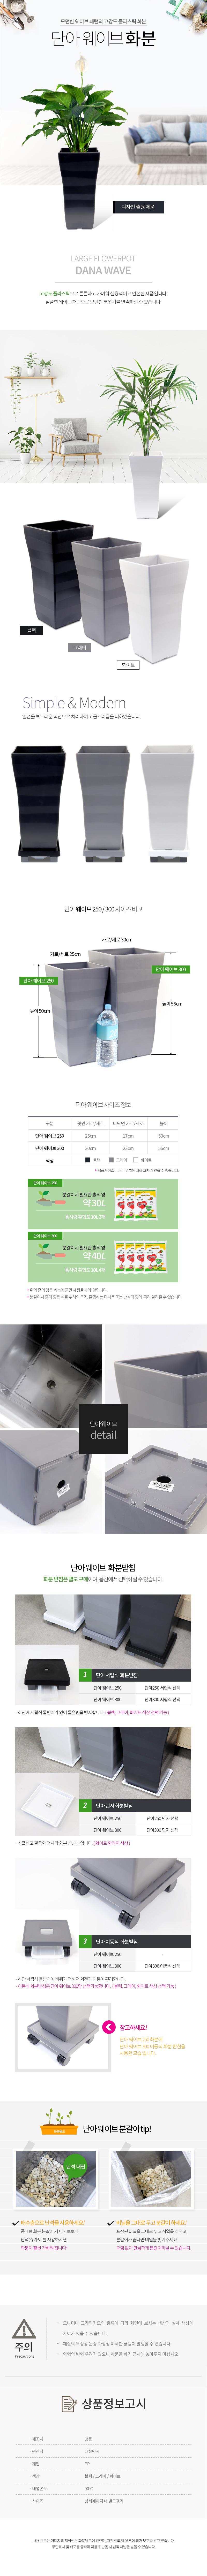 단아웨이브300 화분  인테리어화분 플라스틱화분 - 화분월드, 16,700원, 공화분, 디자인화분